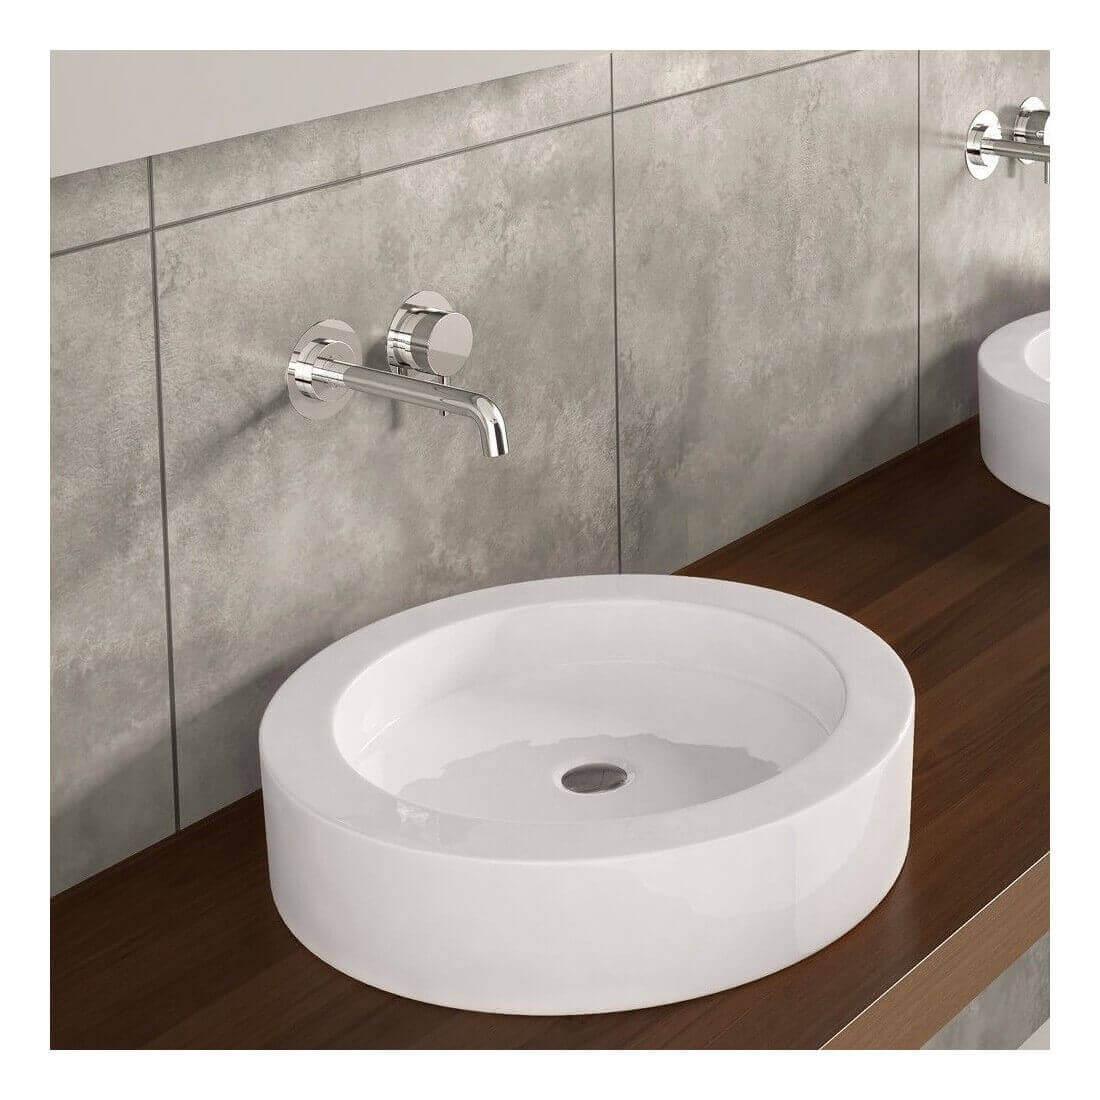 Comprar lavamanos extra grueso modelo ada al mejor precio - Lavamanos sobre encimera ...